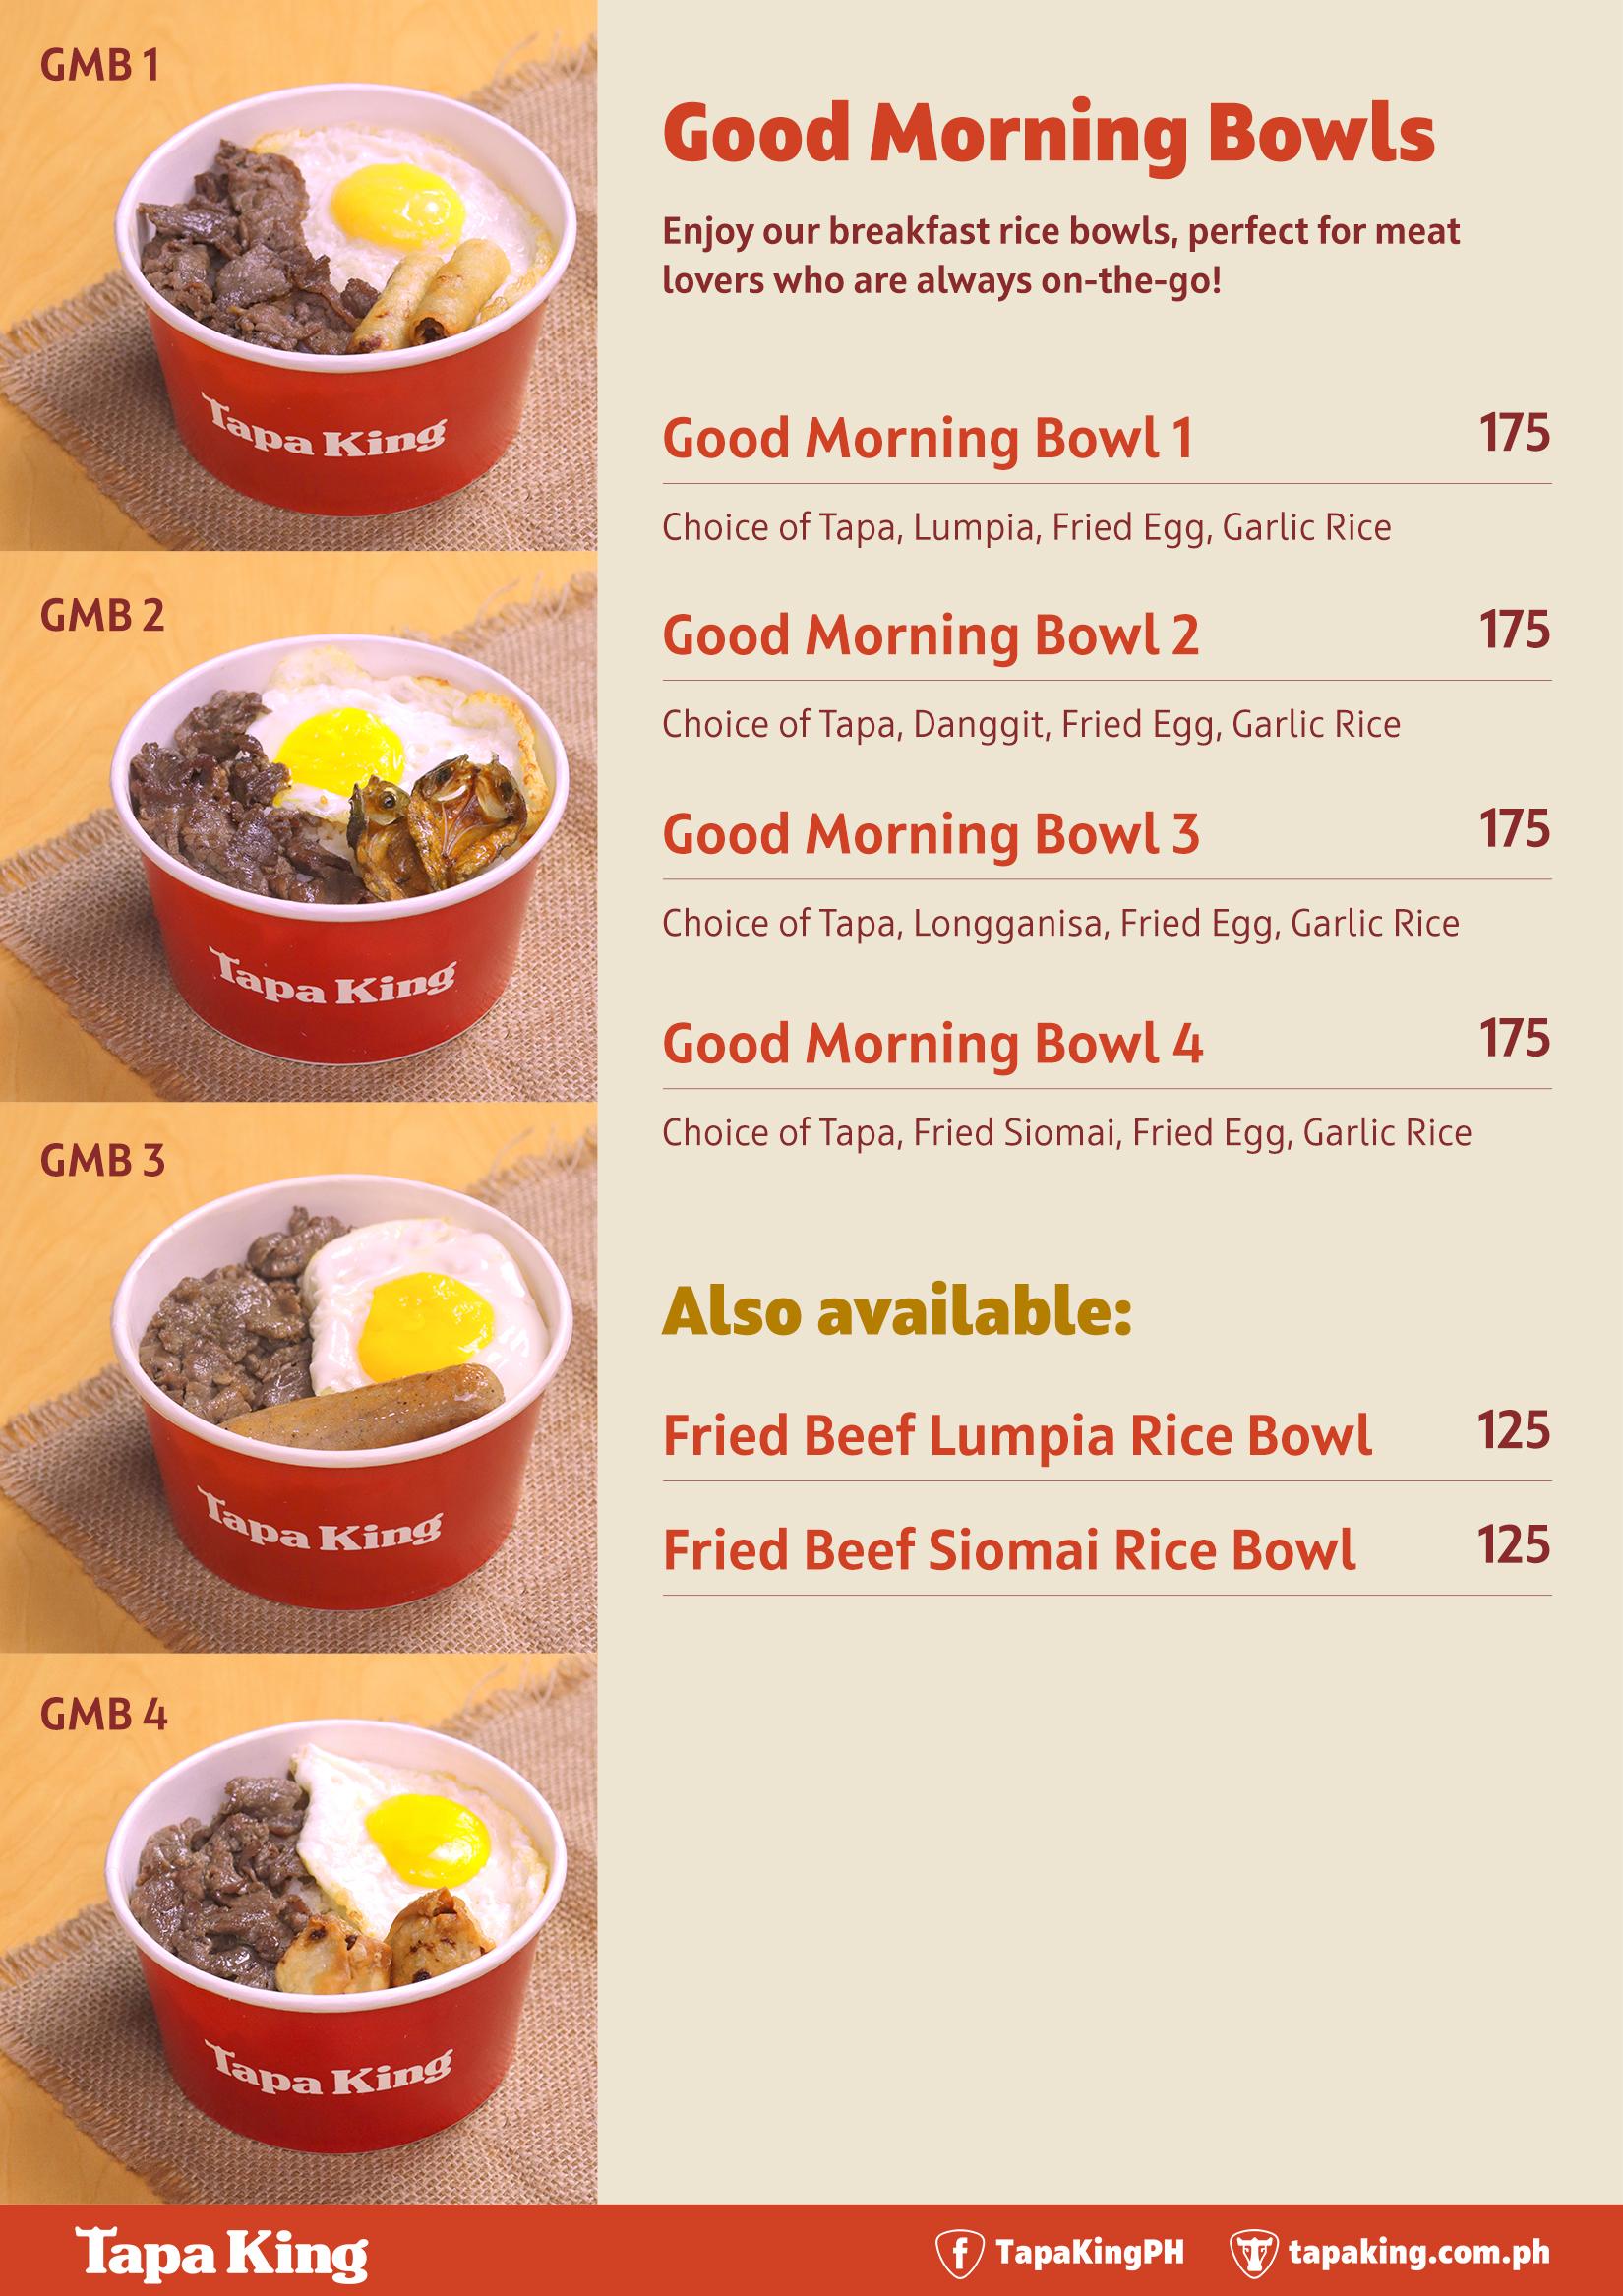 Good Morning Bowls